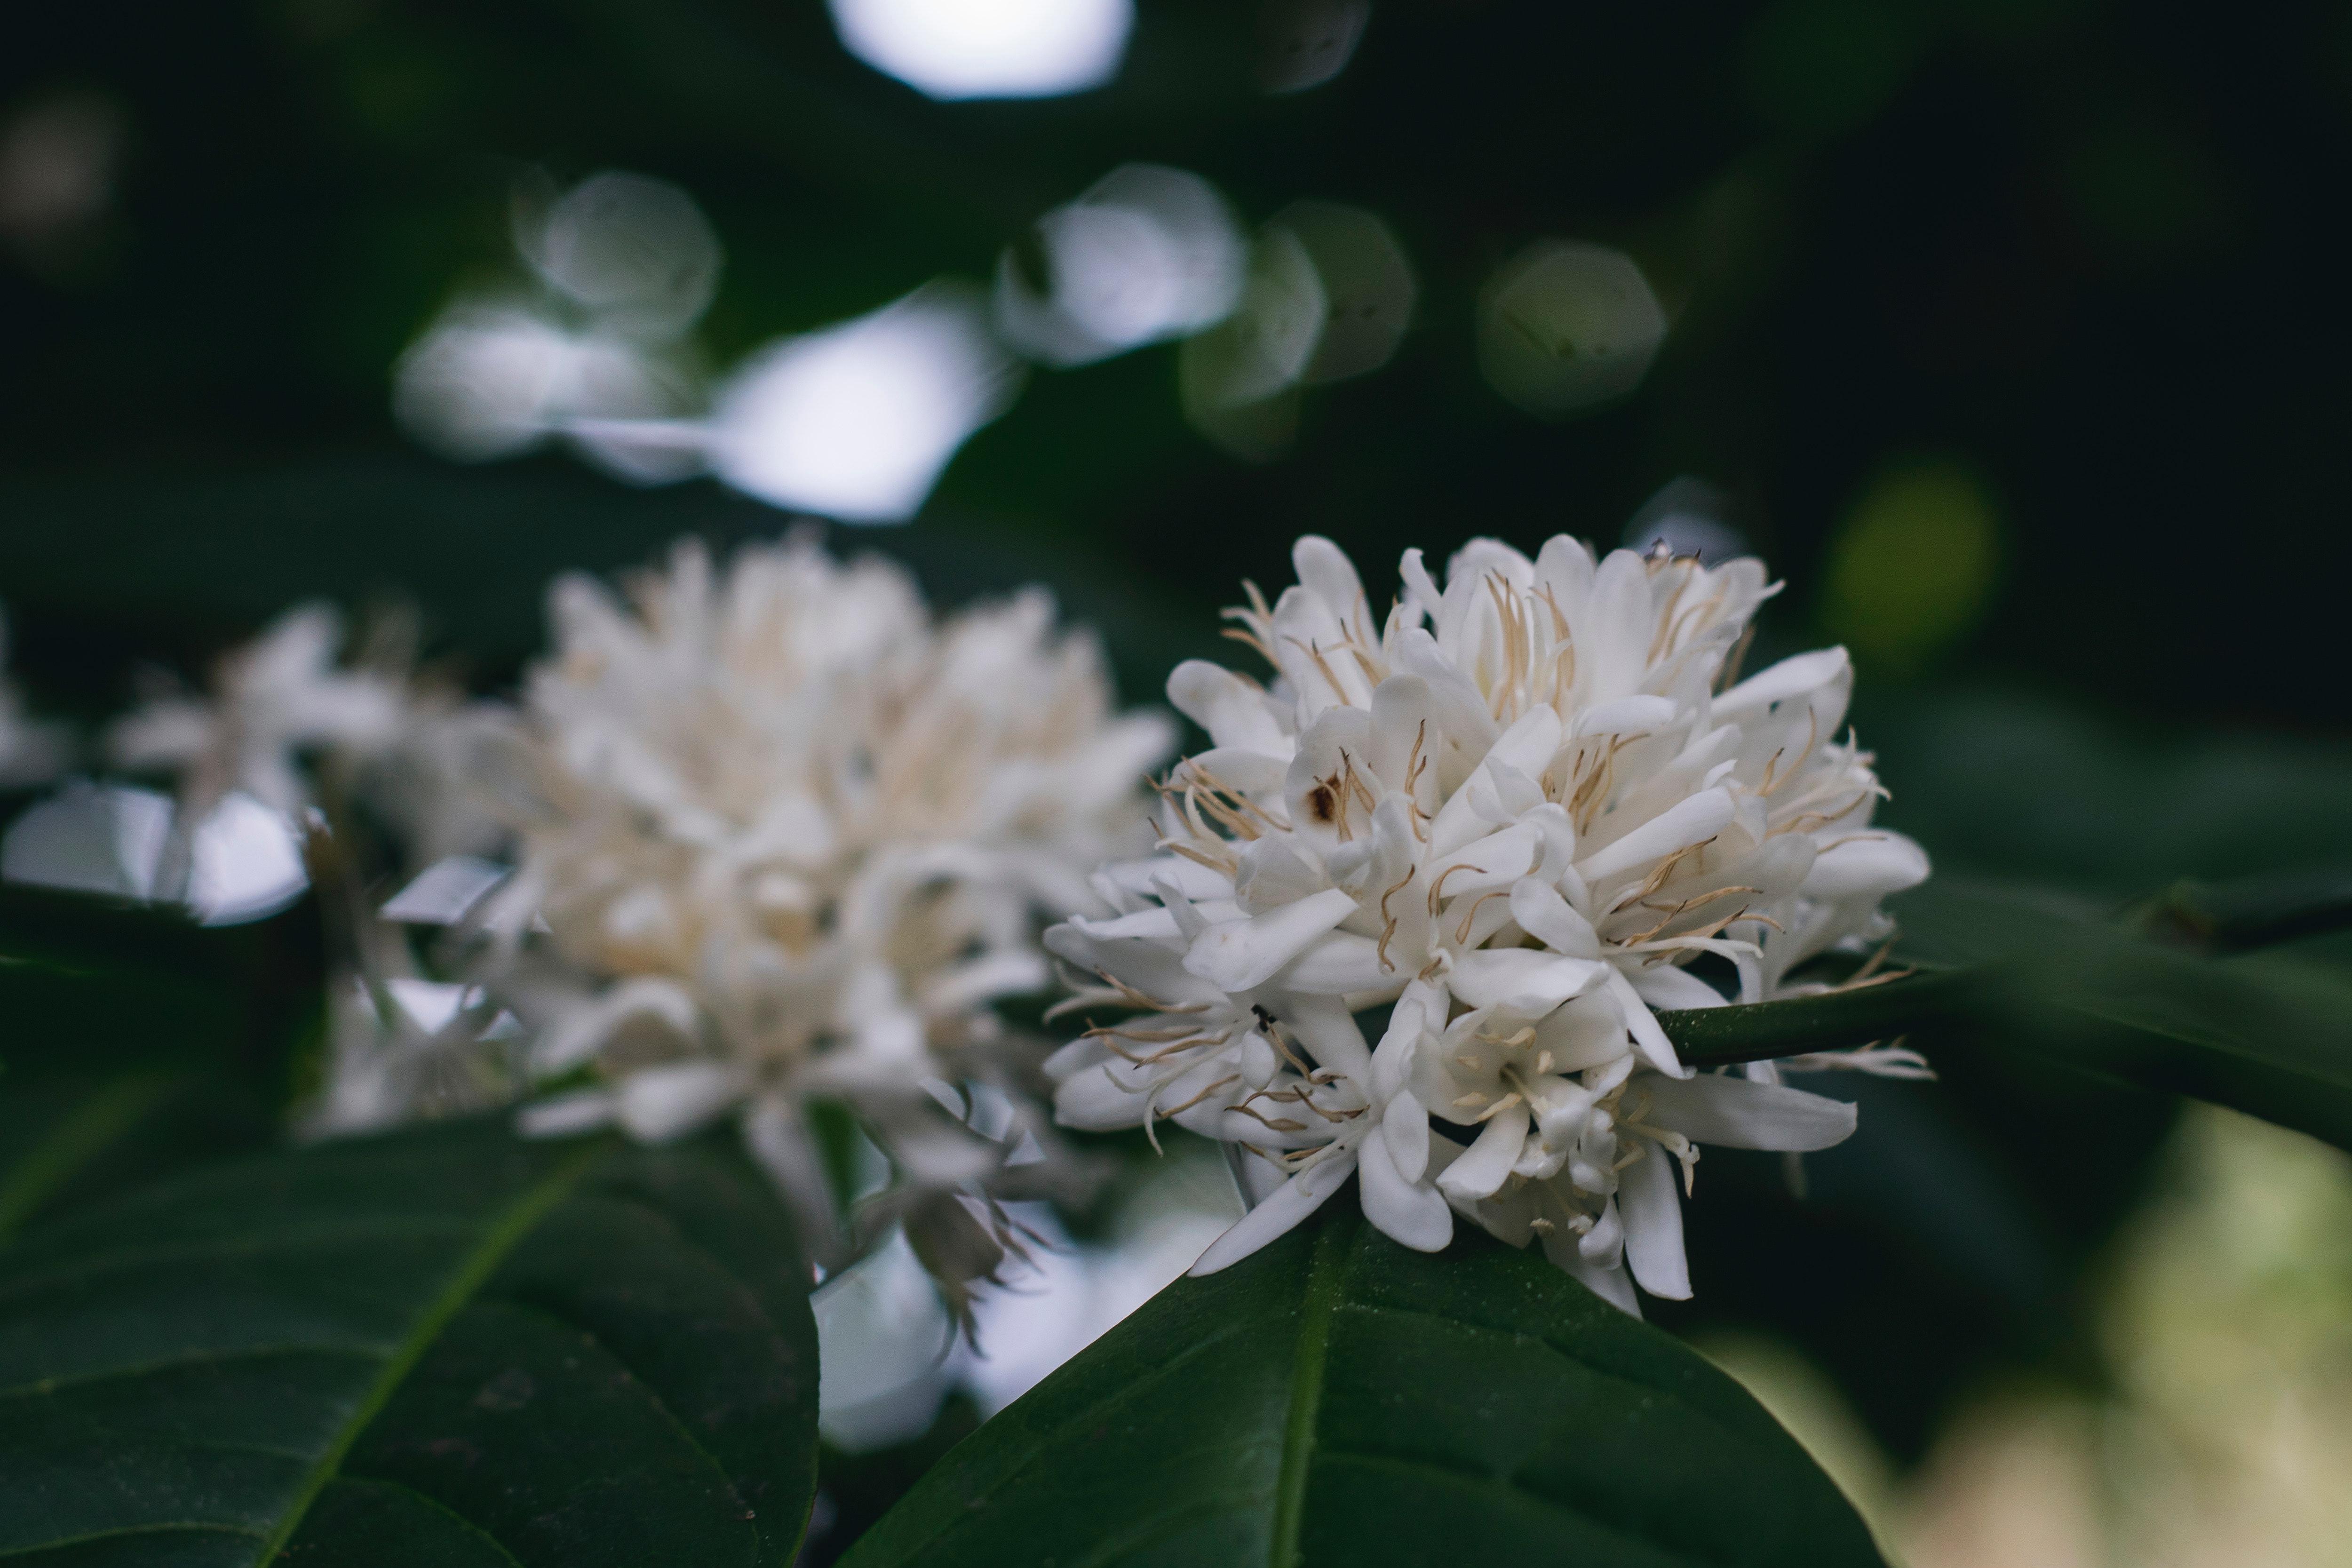 White flower in shallow focus lens photo